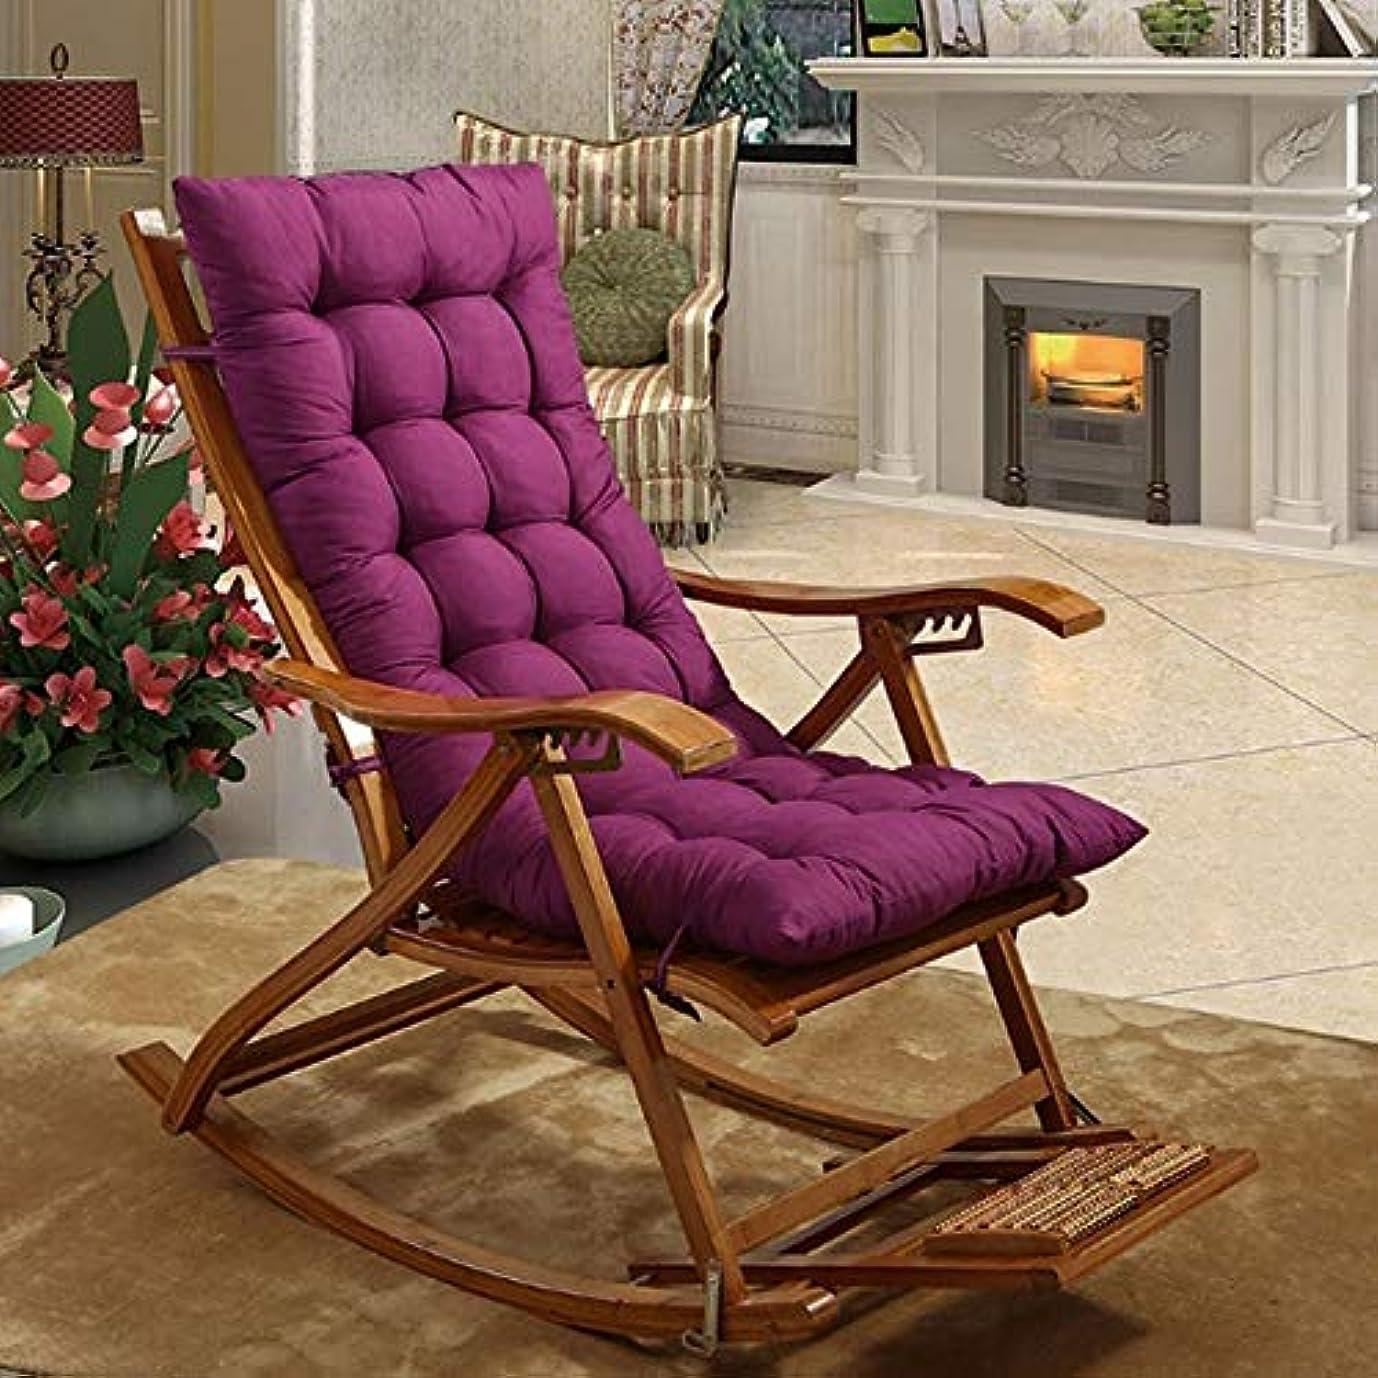 階層男性被るLIFE 48 × 120 センチメートルベンチソファクッション装飾高品質ポリエステル繊維ジャー椅子のクッション暖かい快適な畳マットパッド クッション 椅子